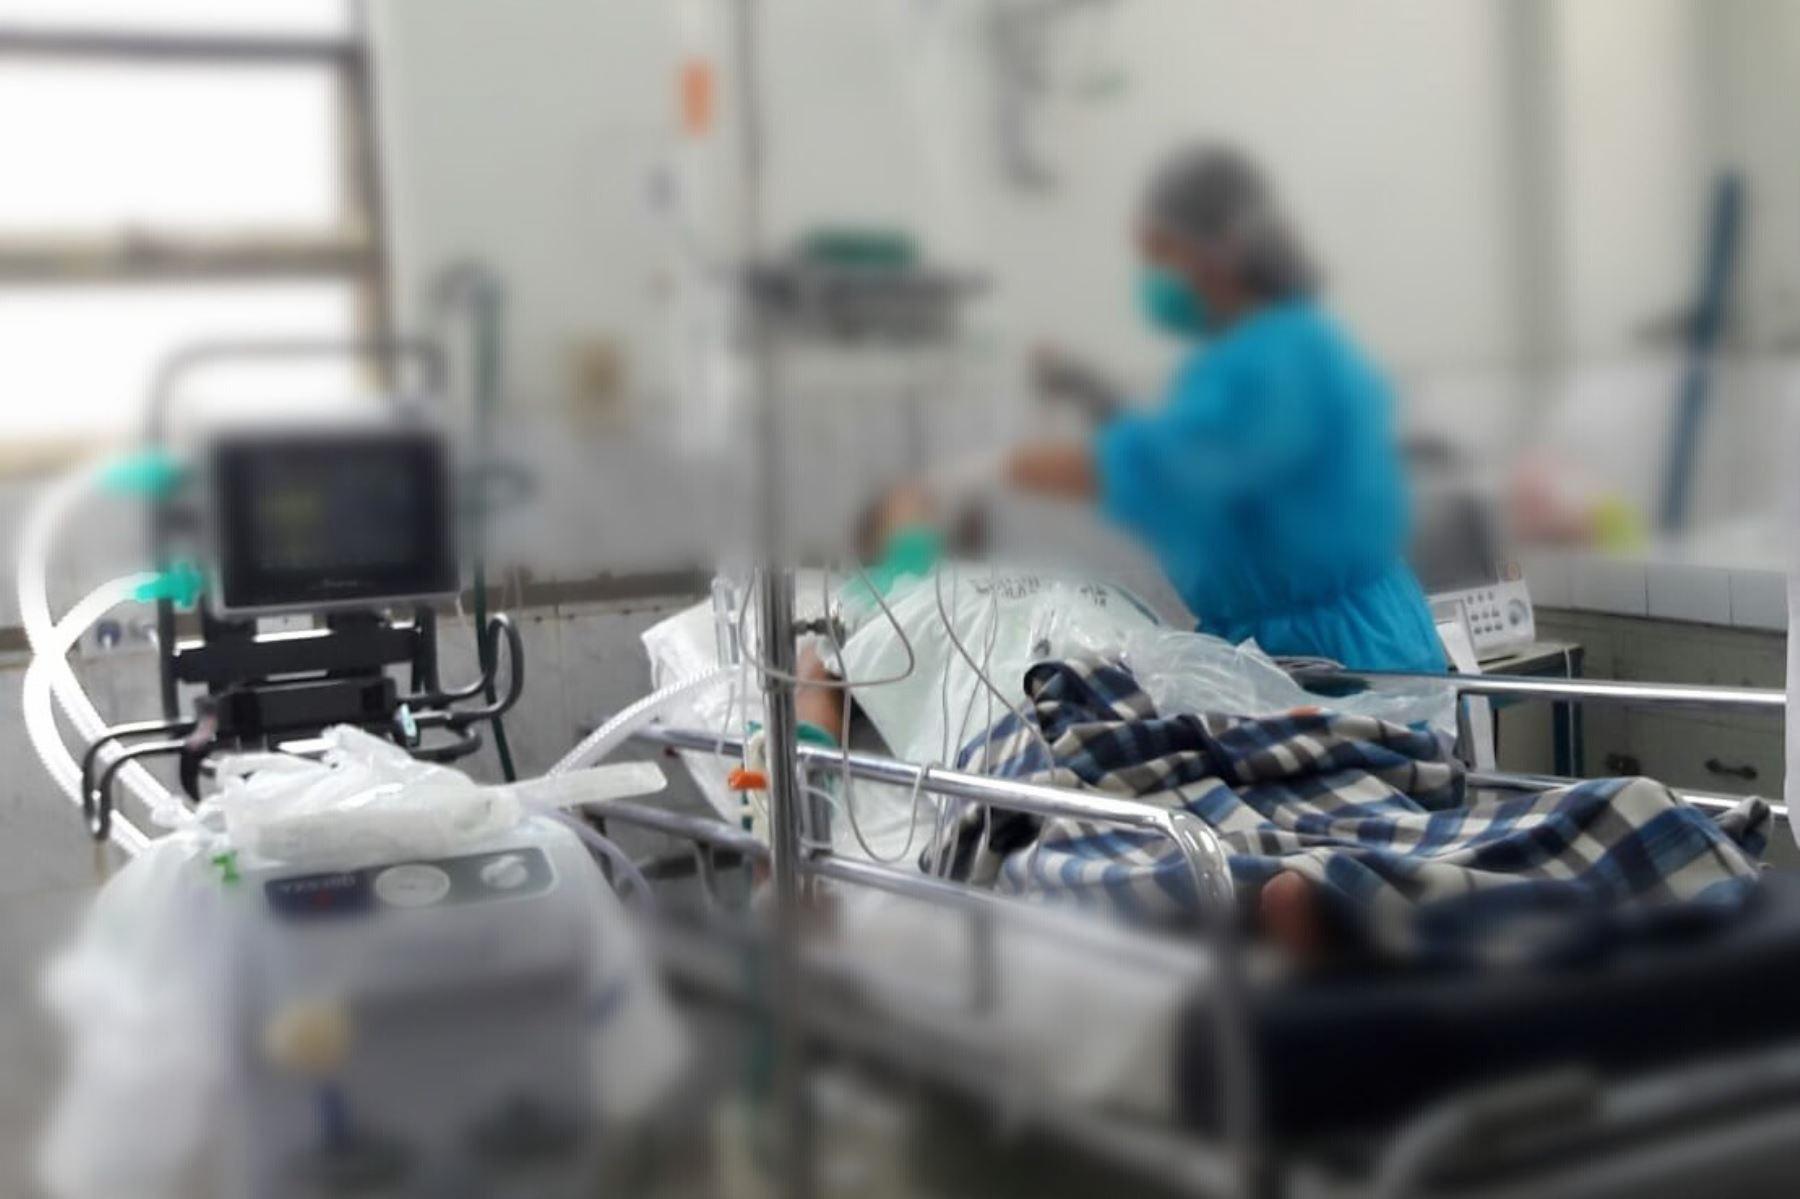 clinicas-deberan-informar-precios-de-servicios-y-medicamentos-contra-covid-19-de-modo-obligatorio-a-susaludnbsp